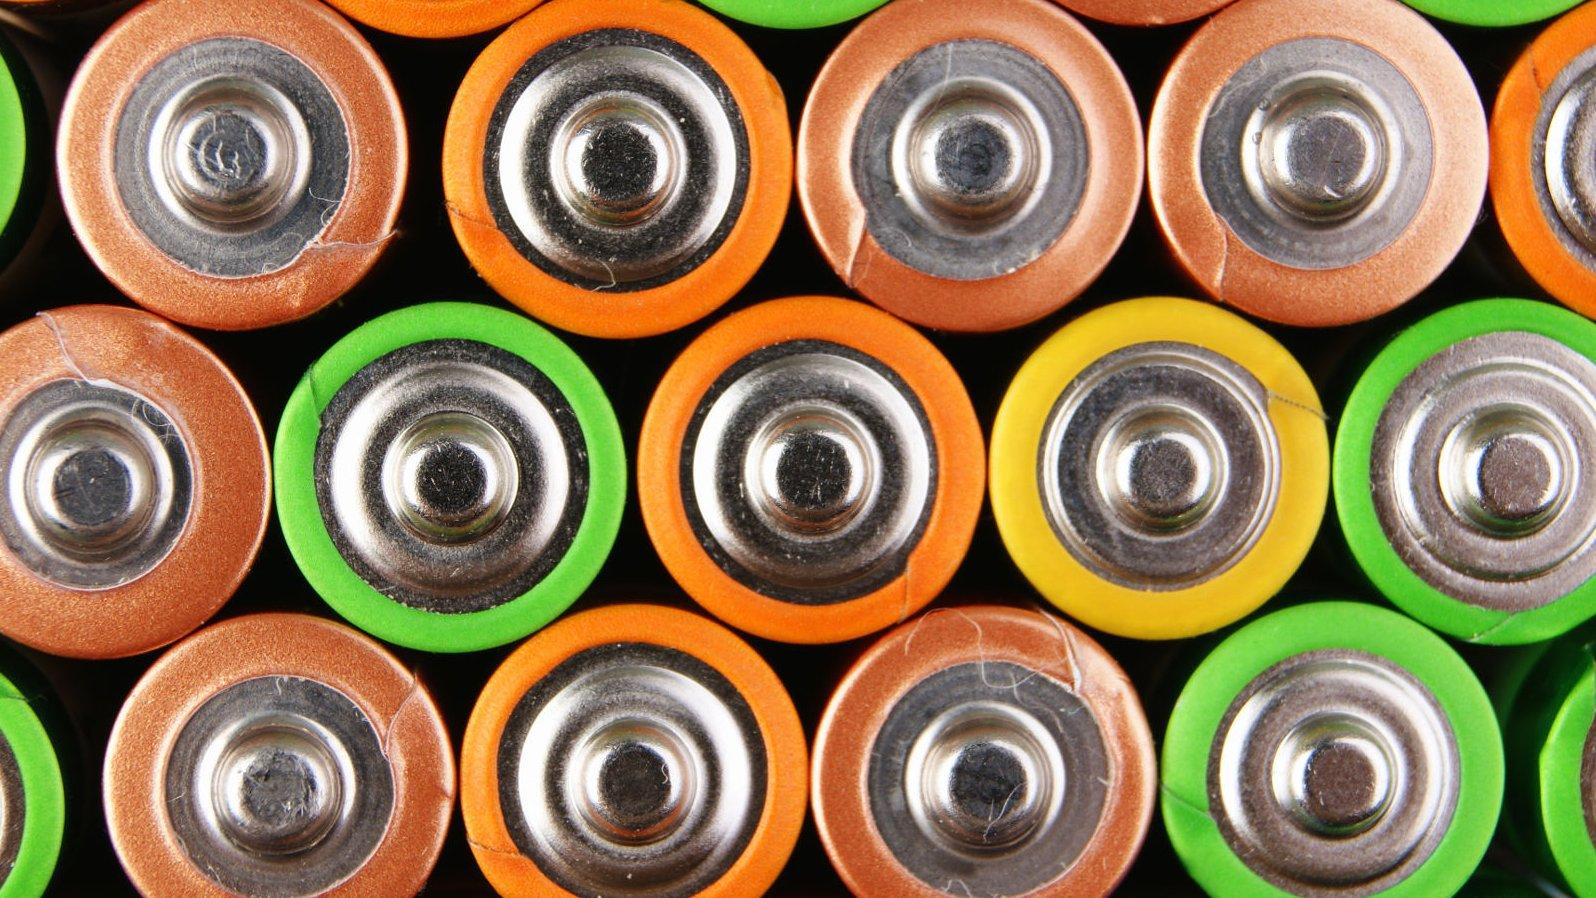 Hvordan virker et batteri egentlig?